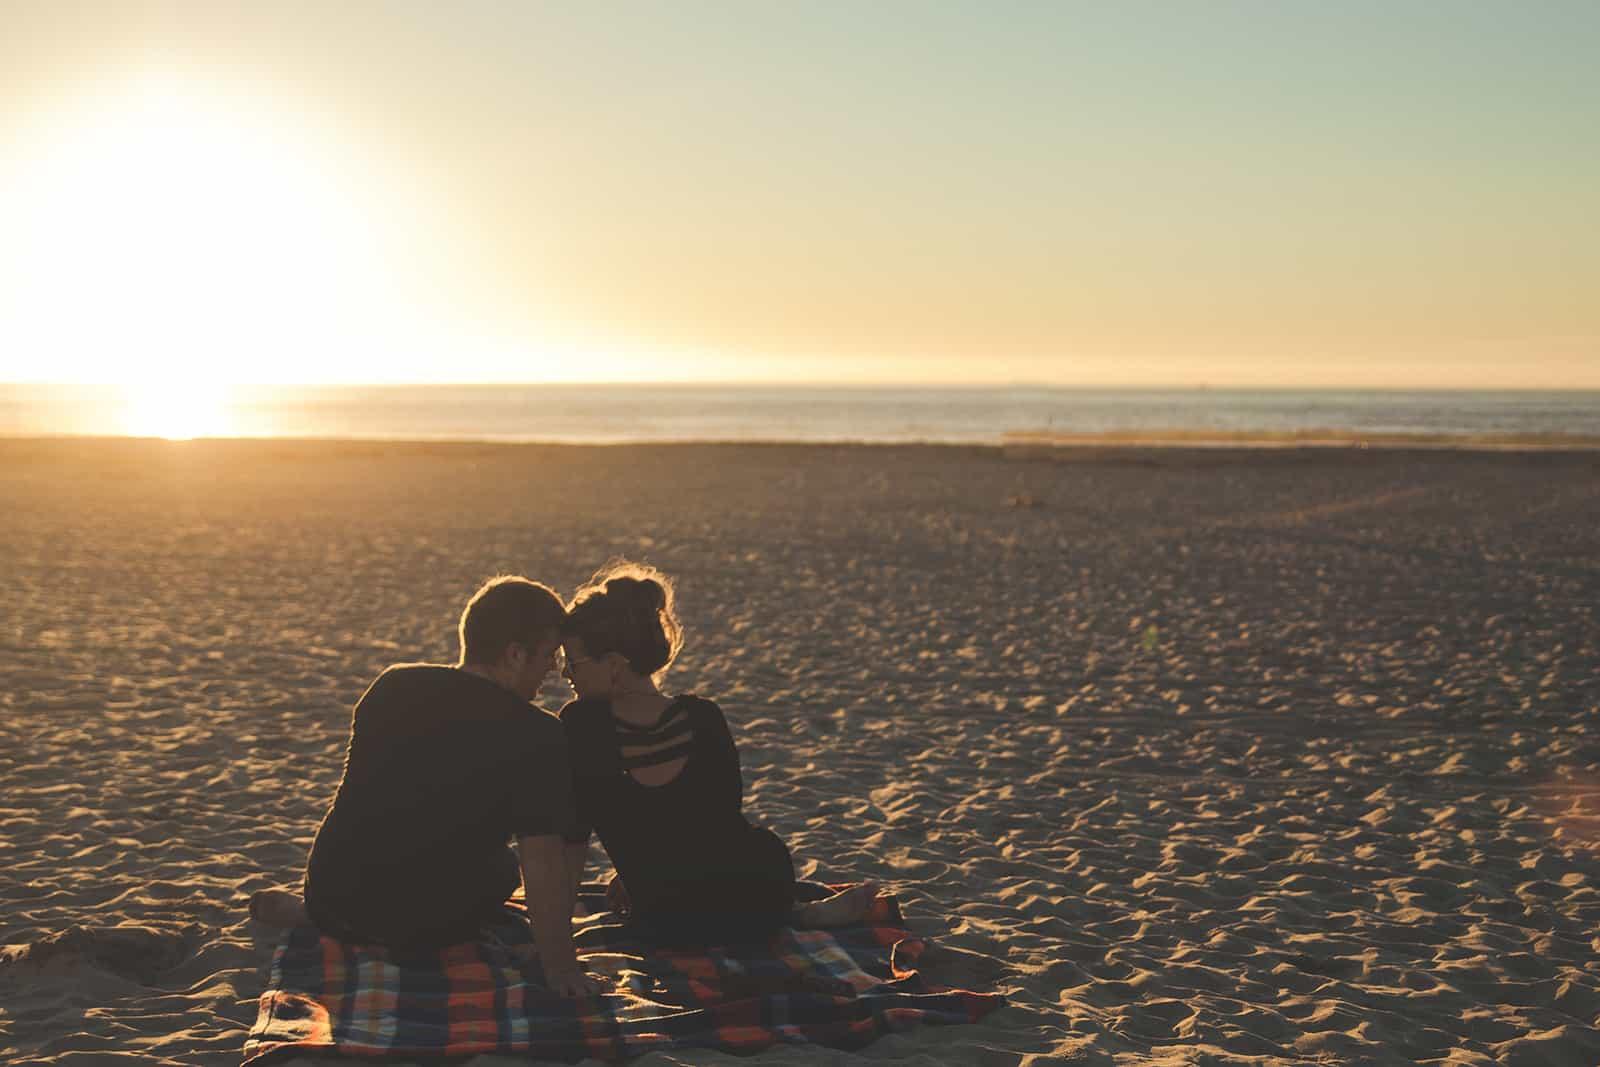 ein liebendes Paar, das während des Sonnenuntergangs am Strand sitzt